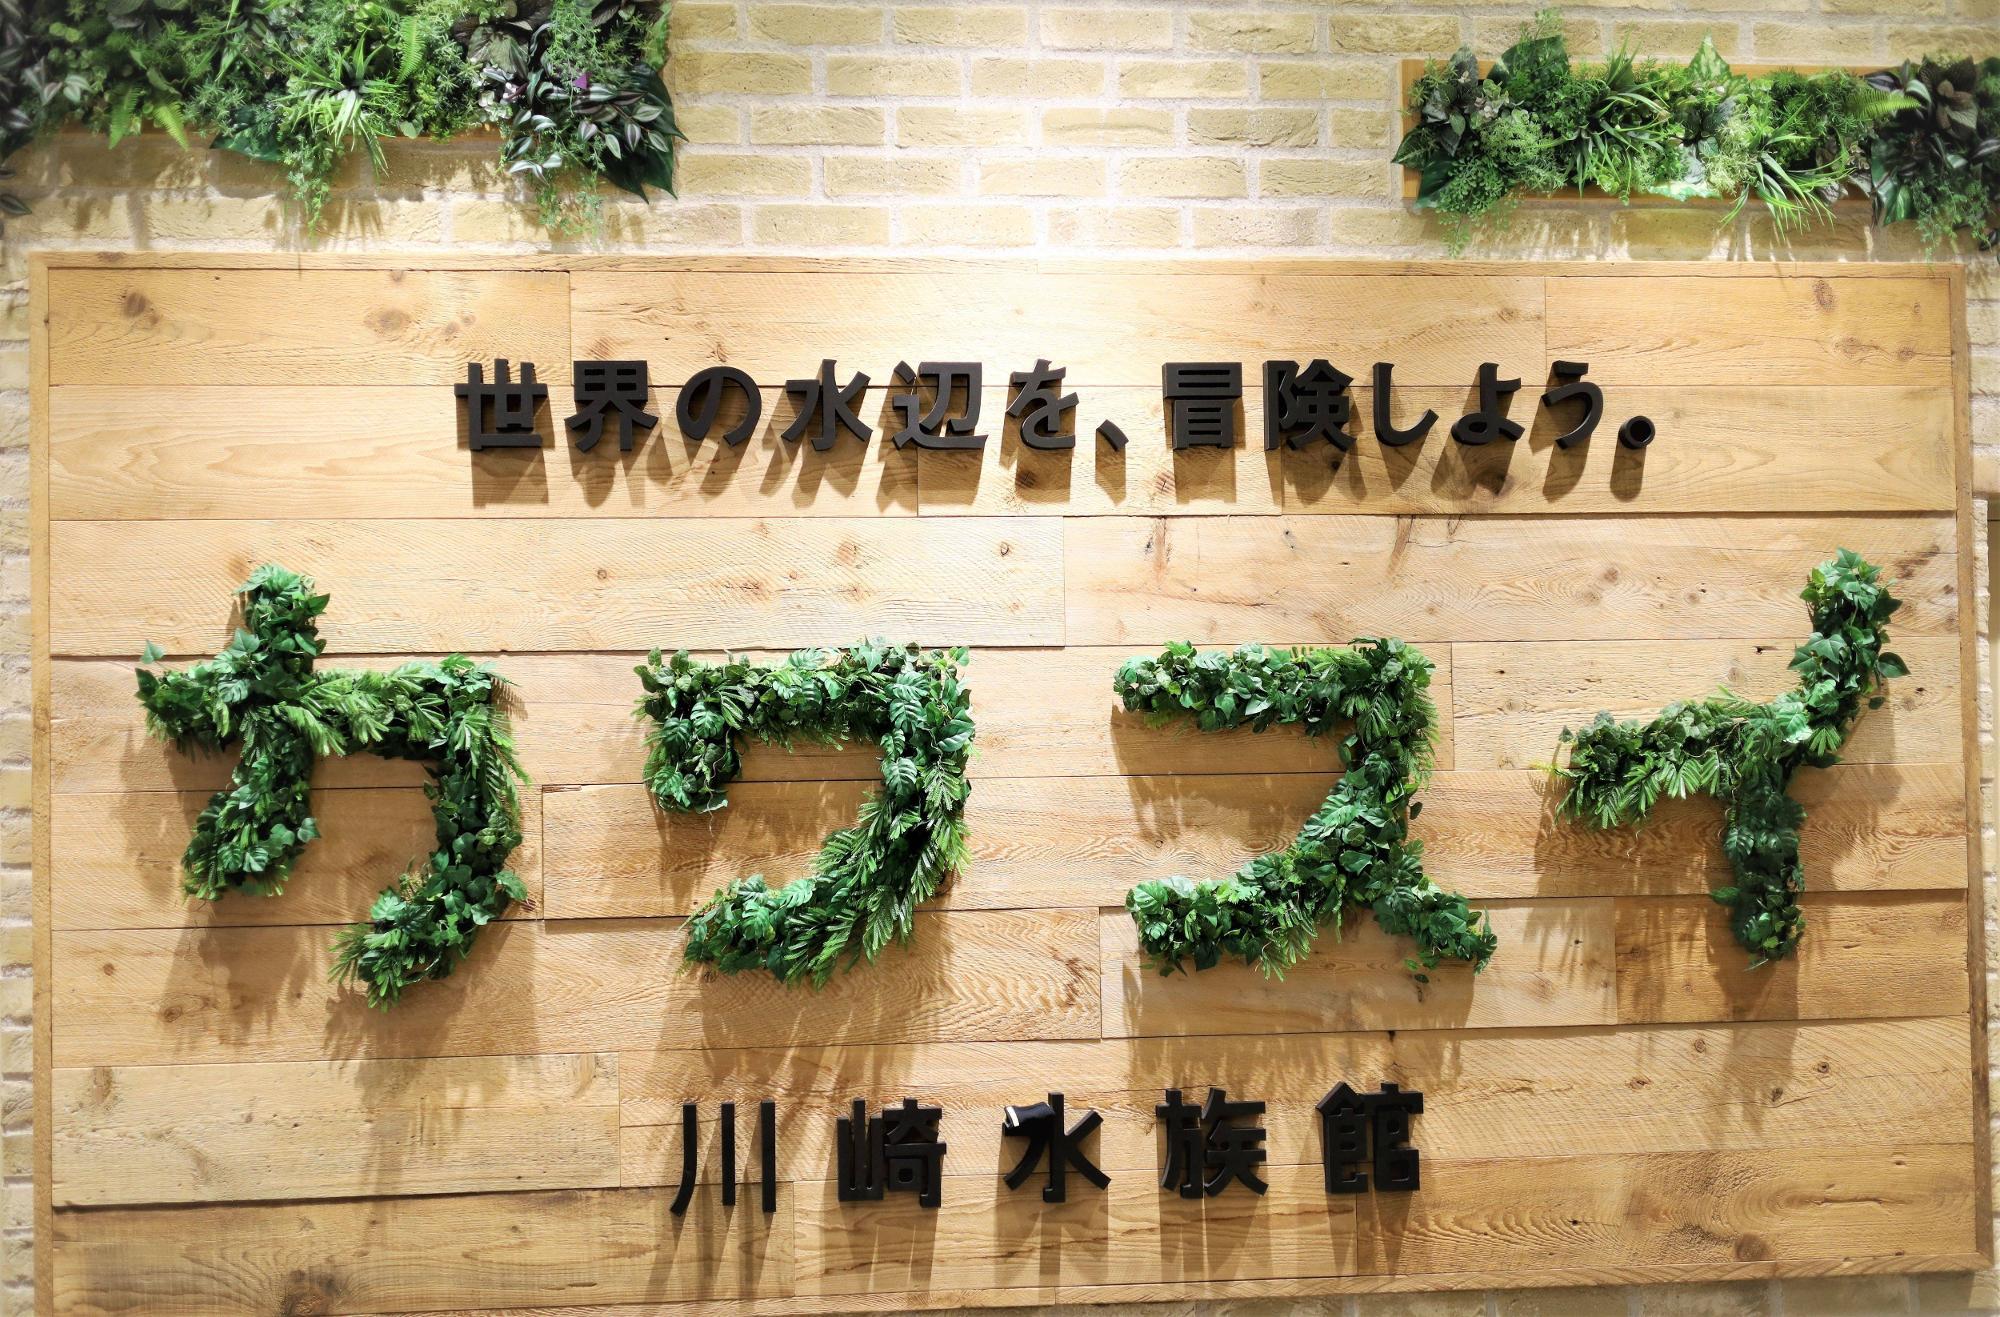 2020年7月オープン。川崎ルフロンの9F10Fにある日本初の既存商業施設内に開業した水族館 カワスイ。